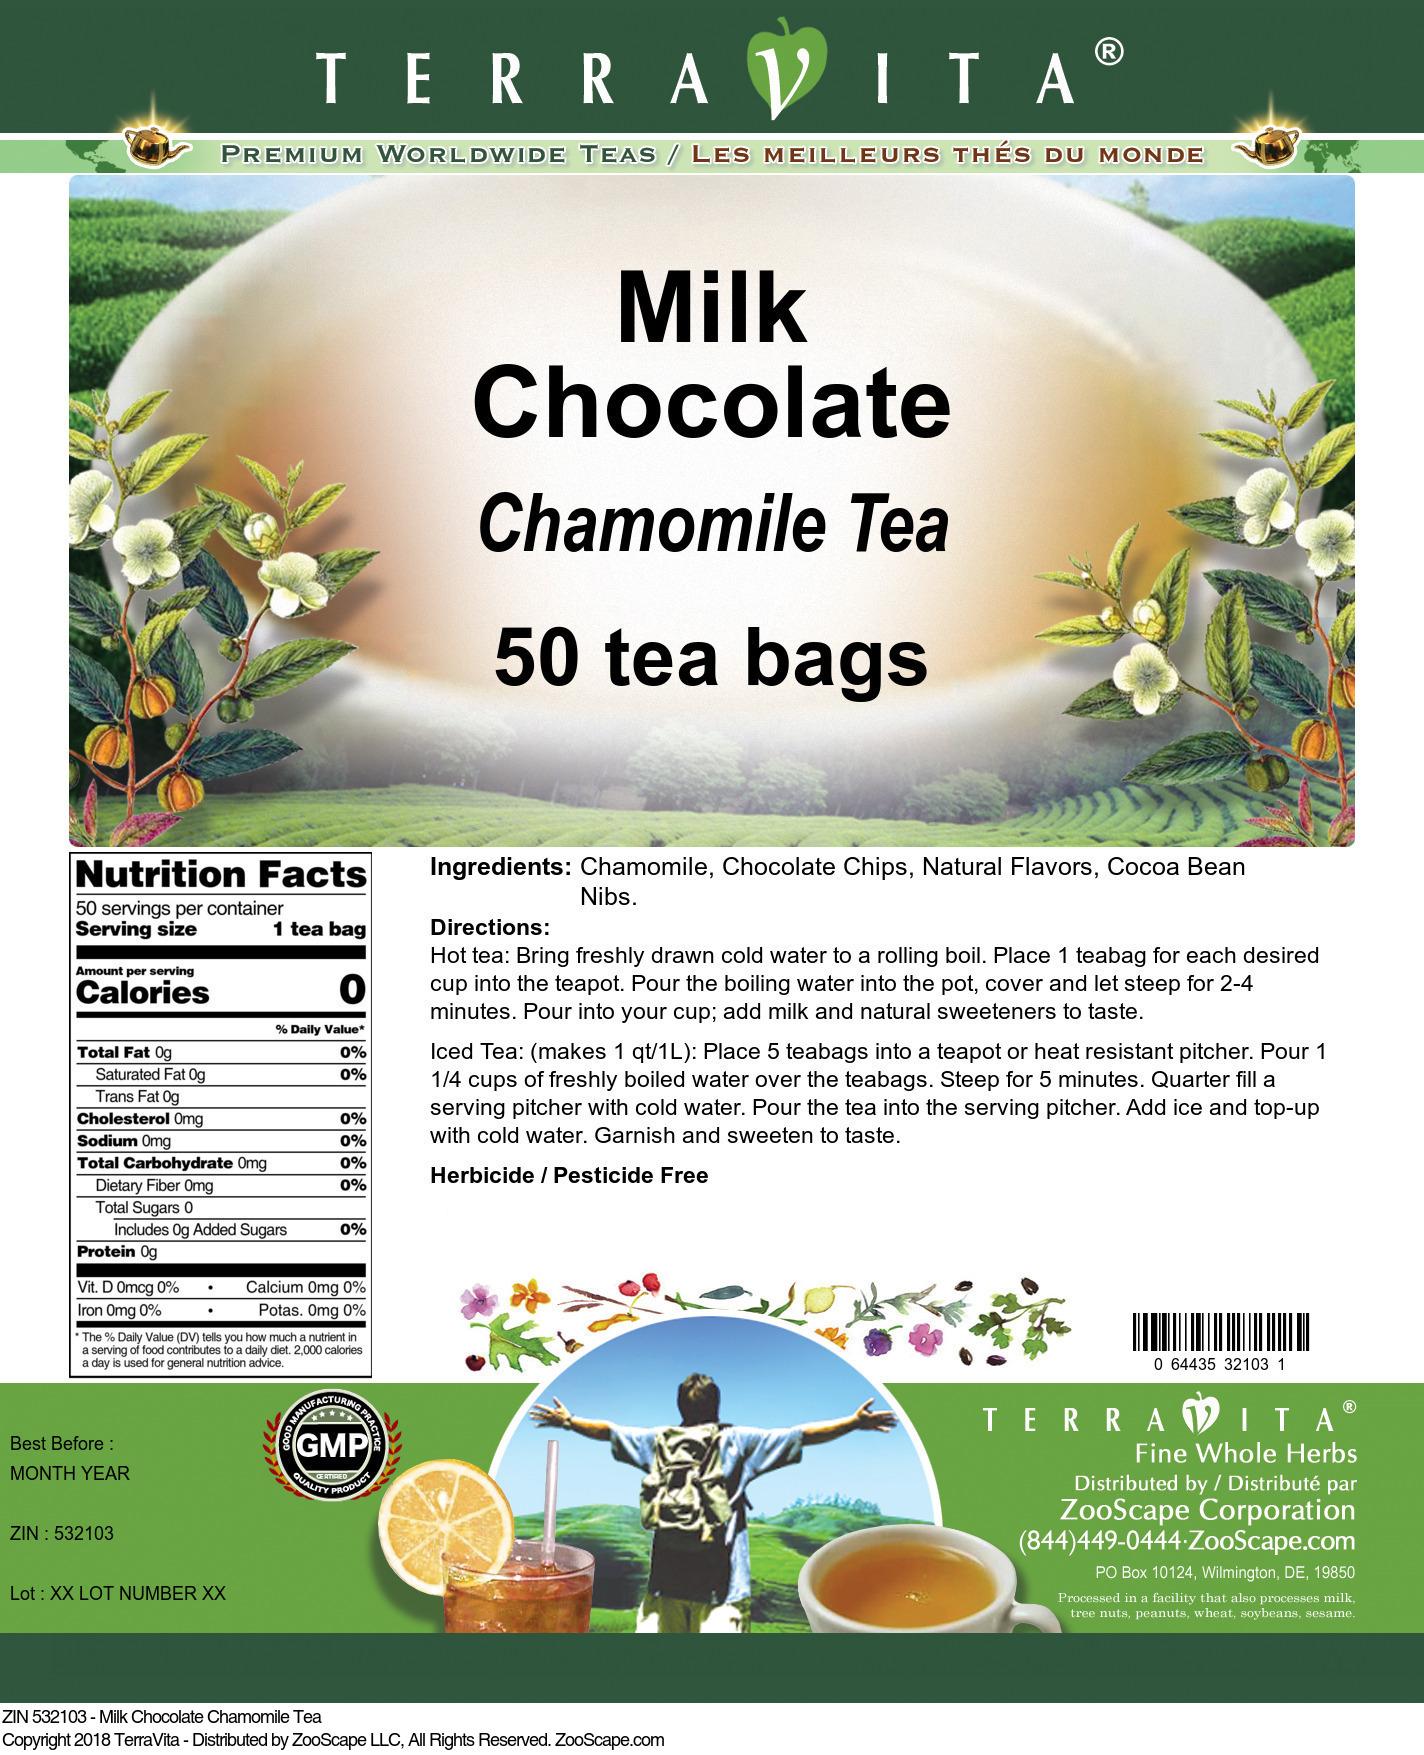 Milk Chocolate Chamomile Tea